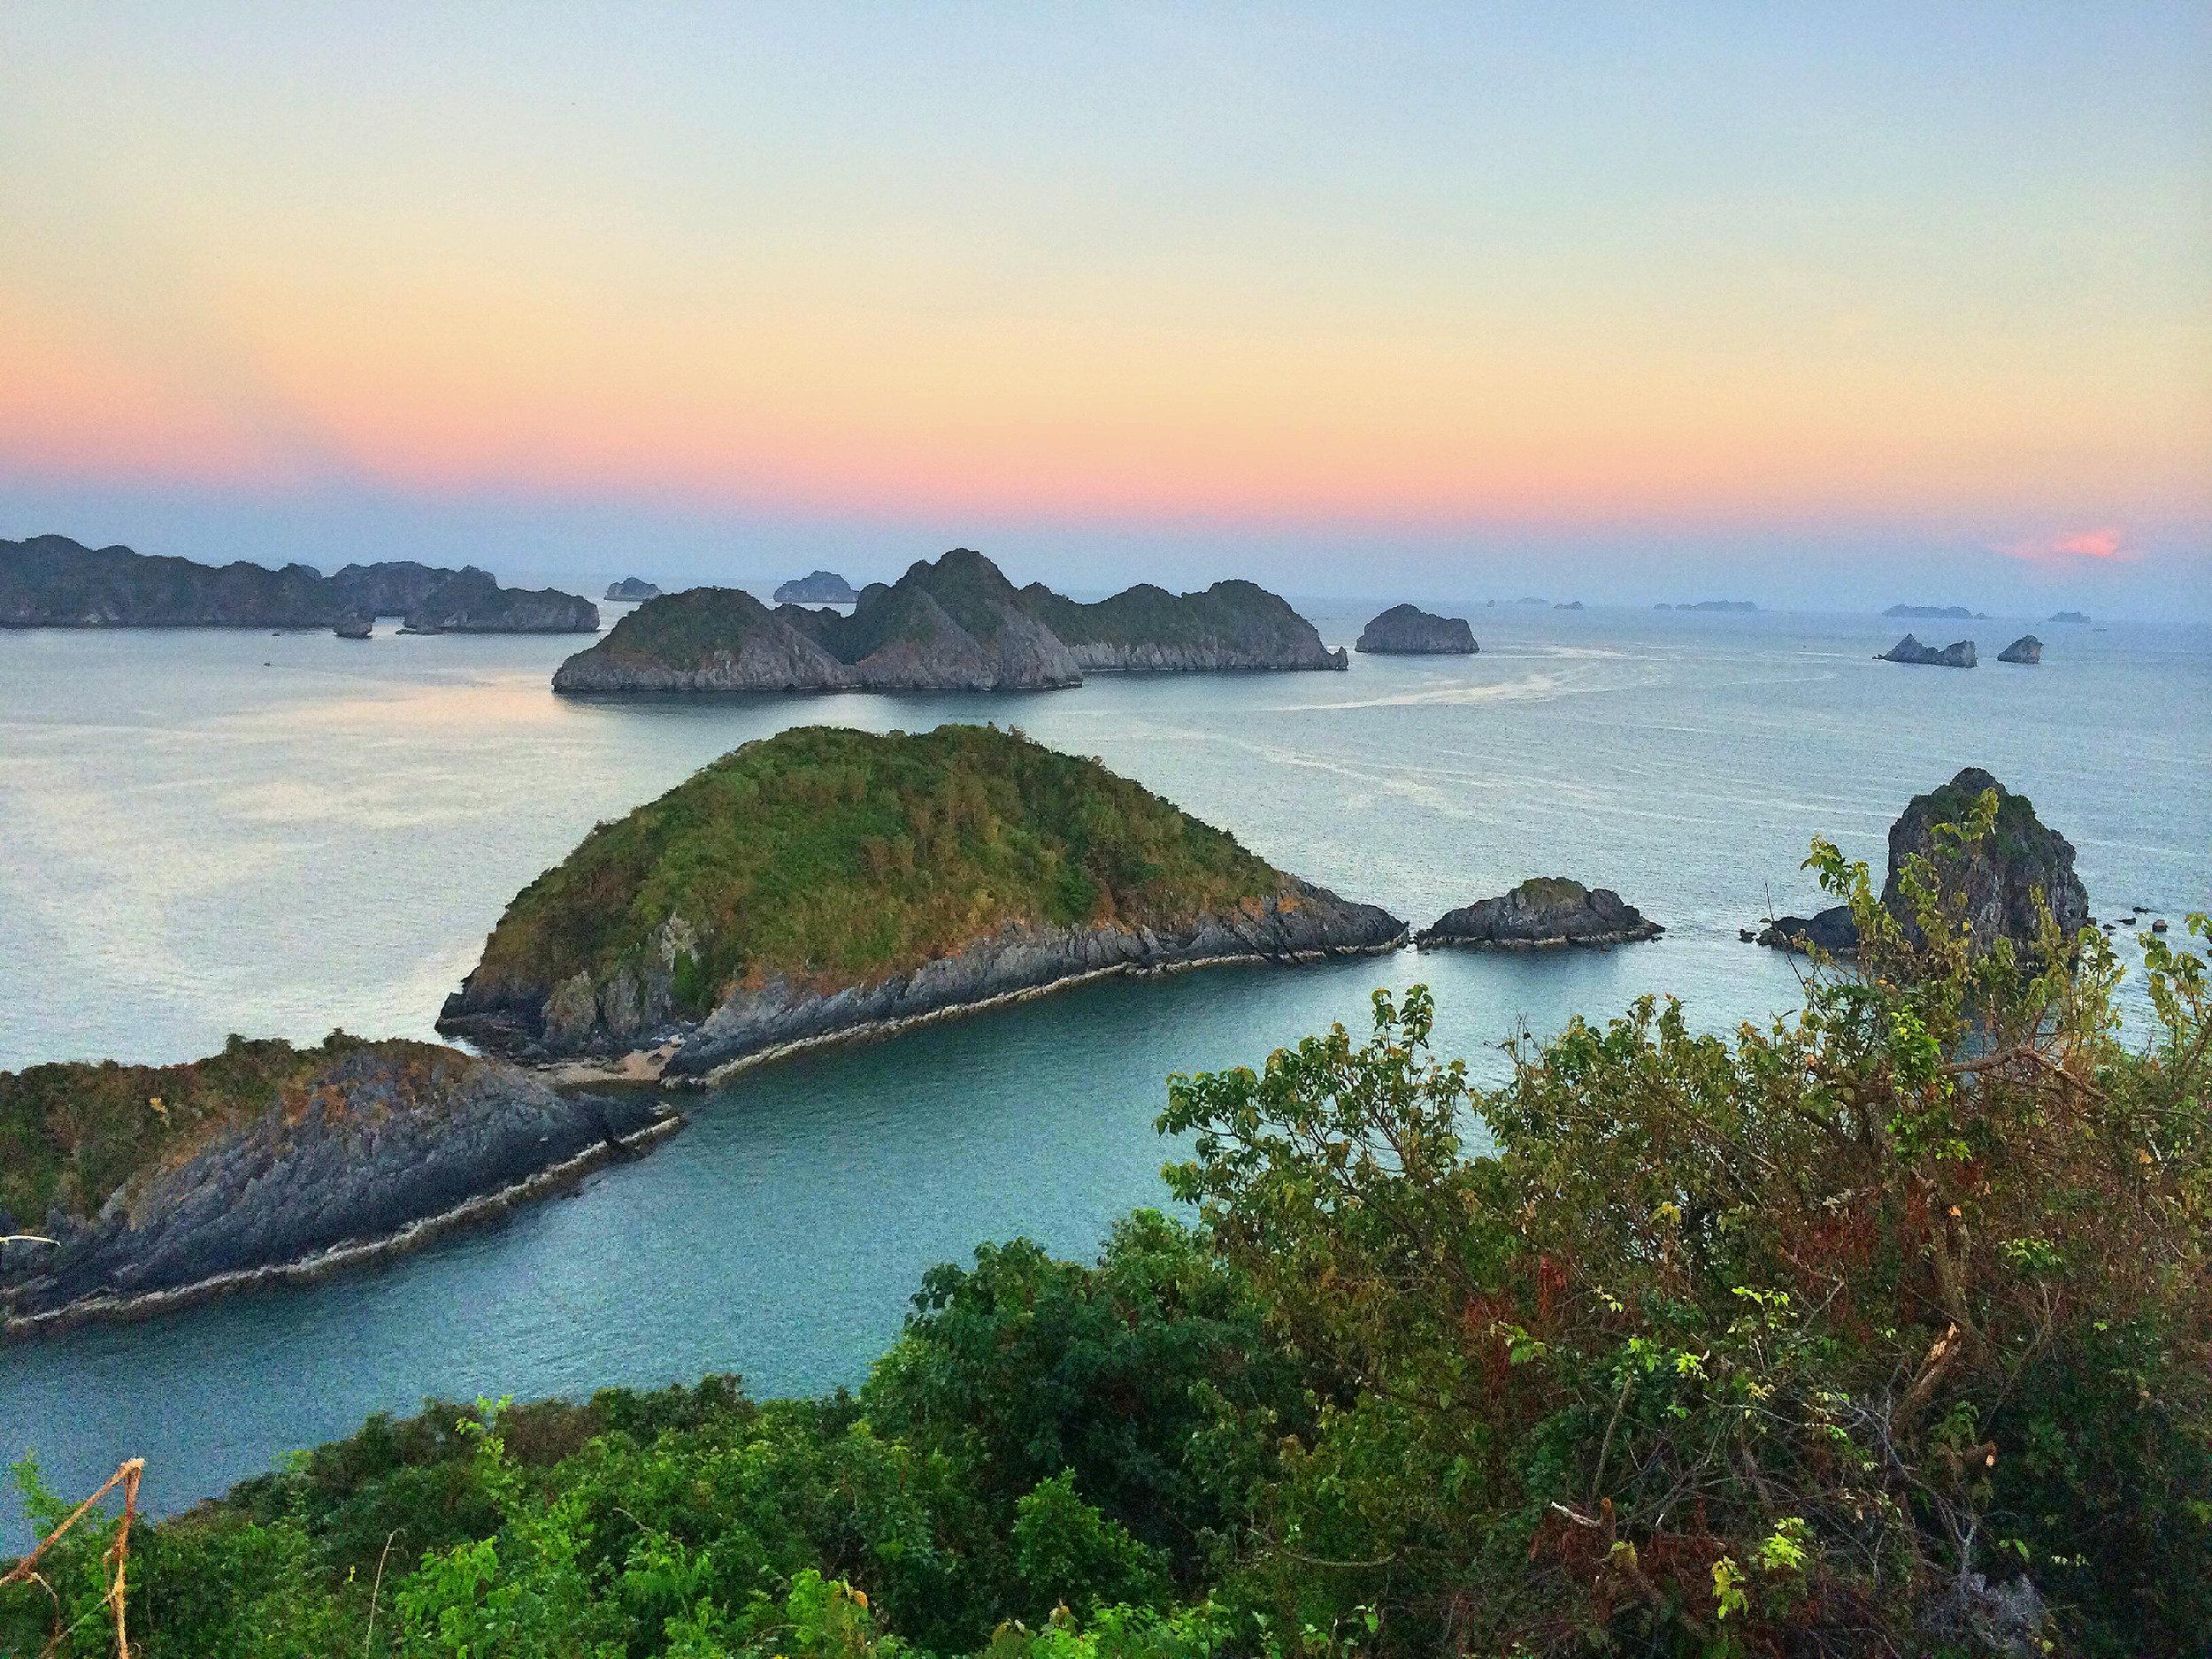 Sunset over Islands in Ha Long Bay, Vietnam